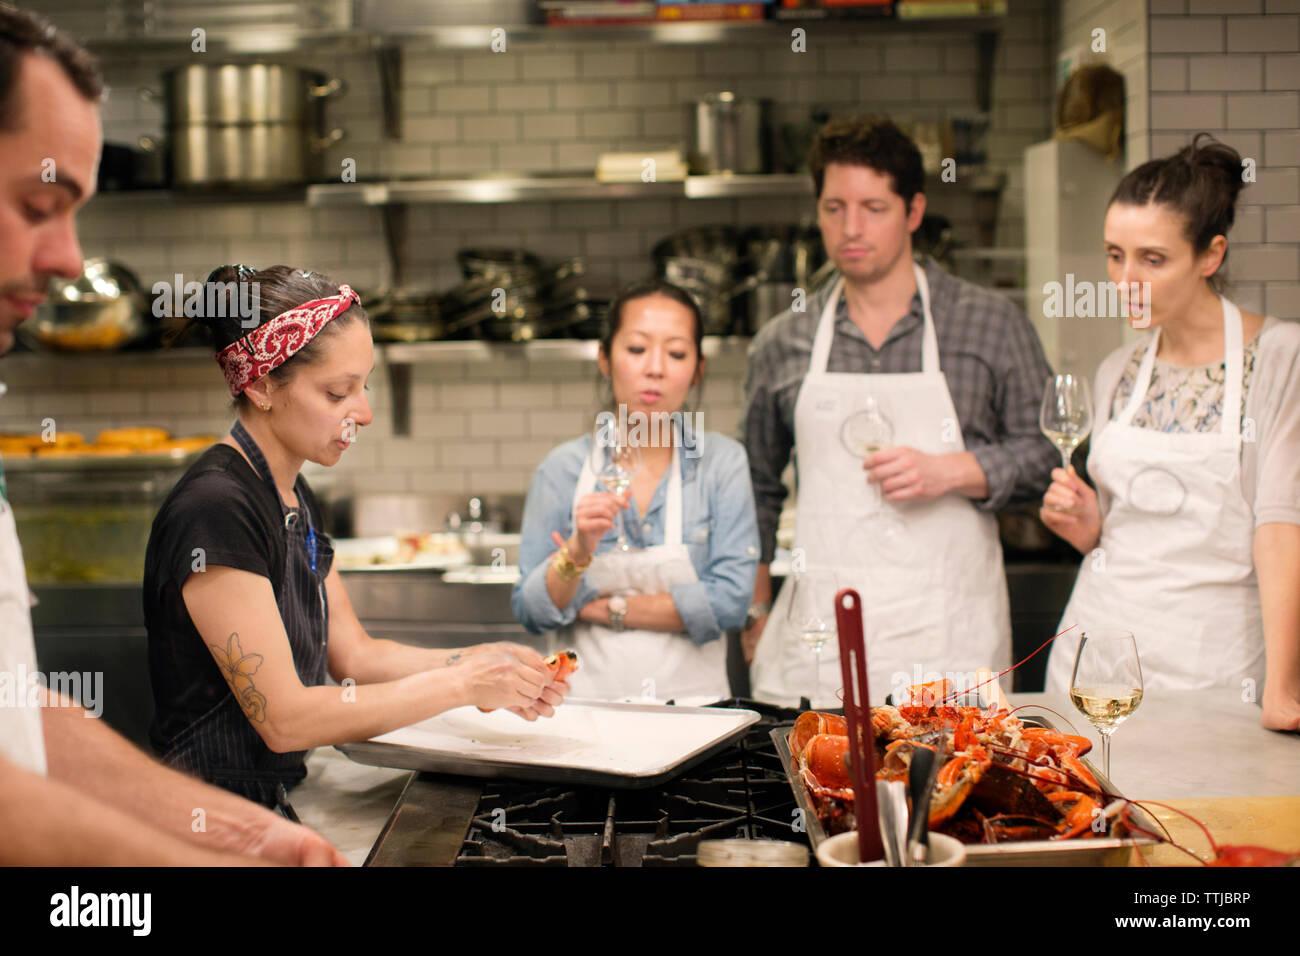 Les Etudiants A La Recherche De Femme Chef De Preparer Des